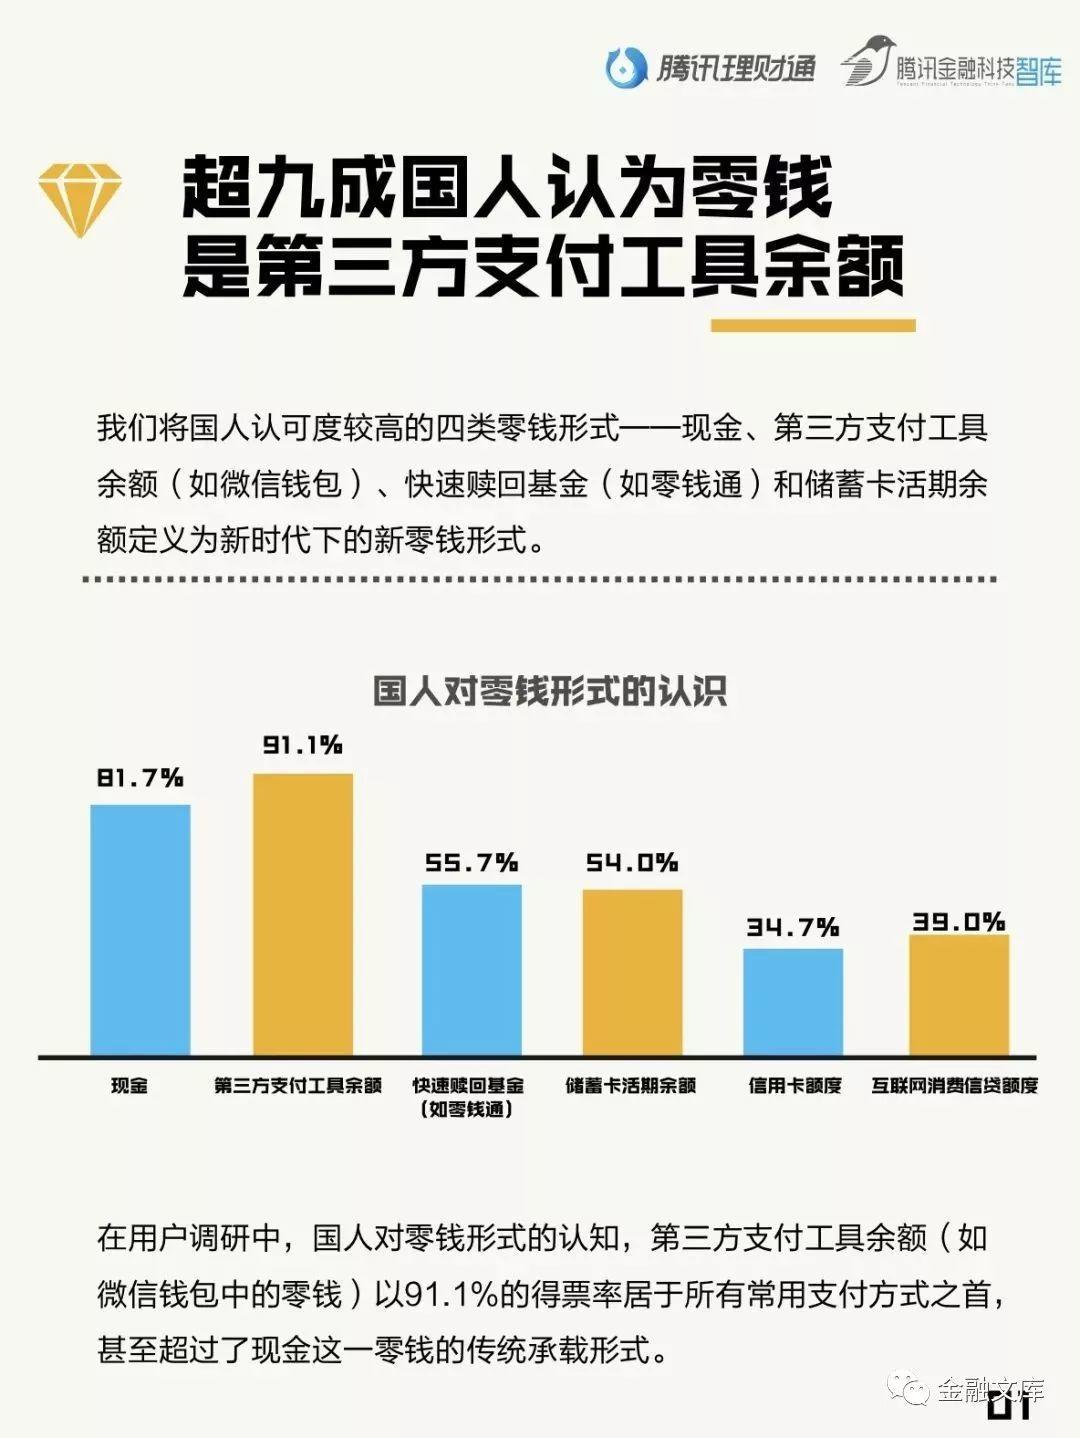 国人零钱报告:国人零钱1.5万亿被闲置,每年损失573.2亿!